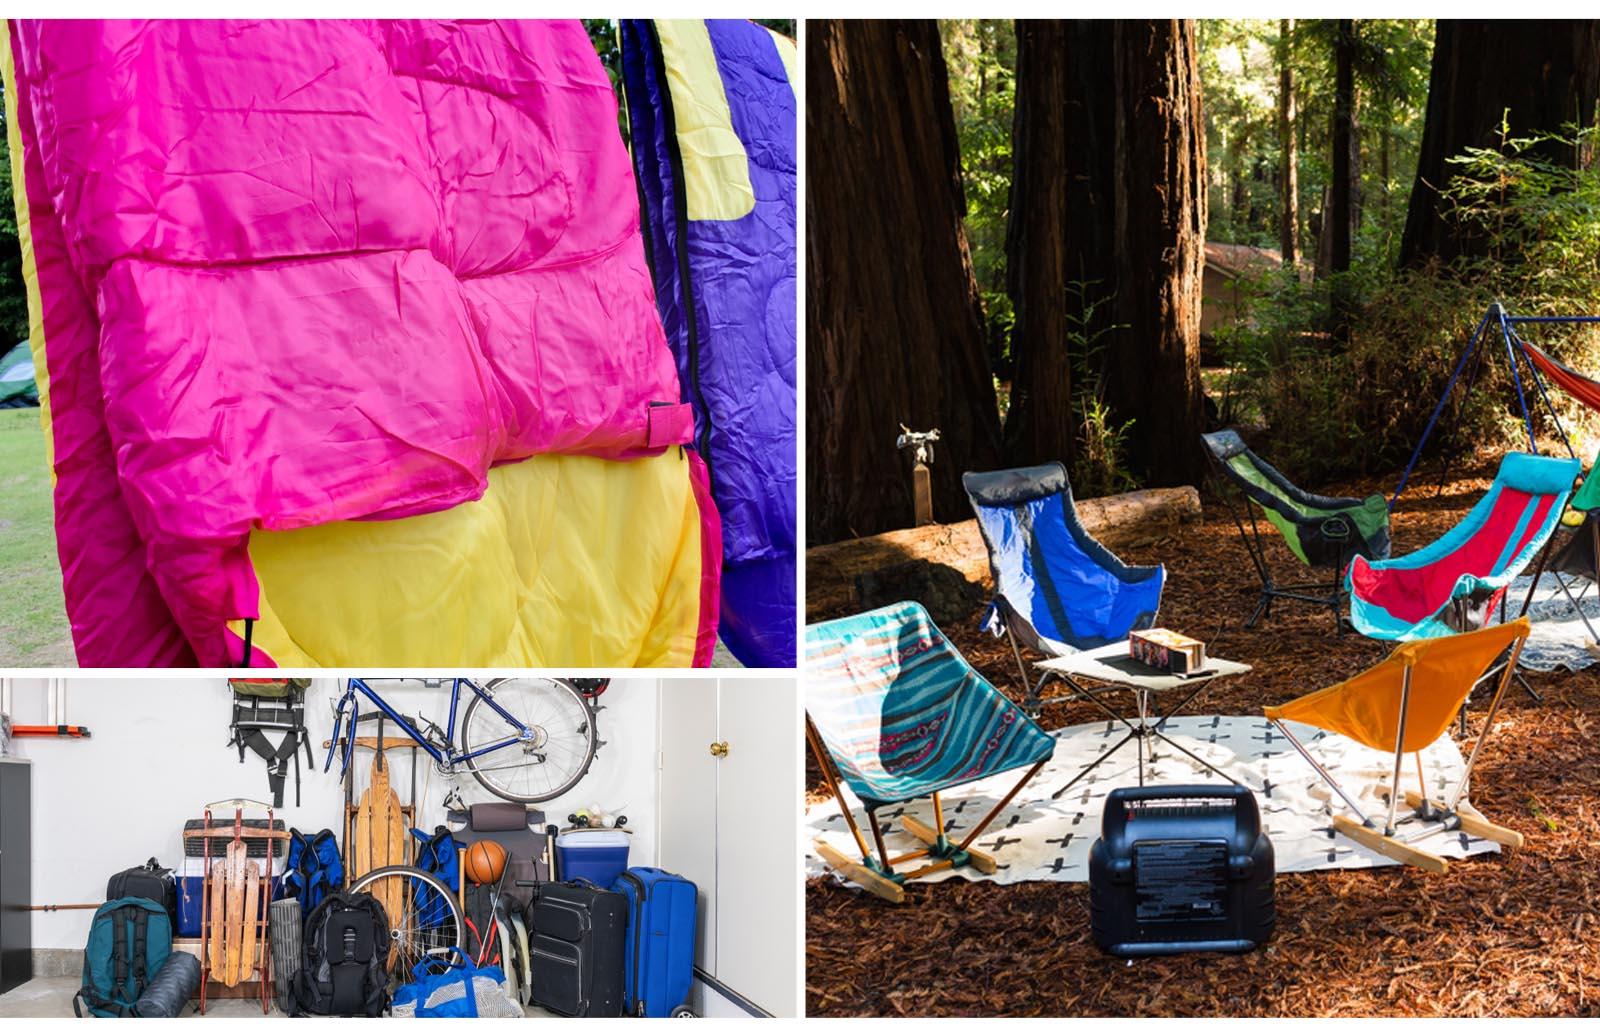 camping storage